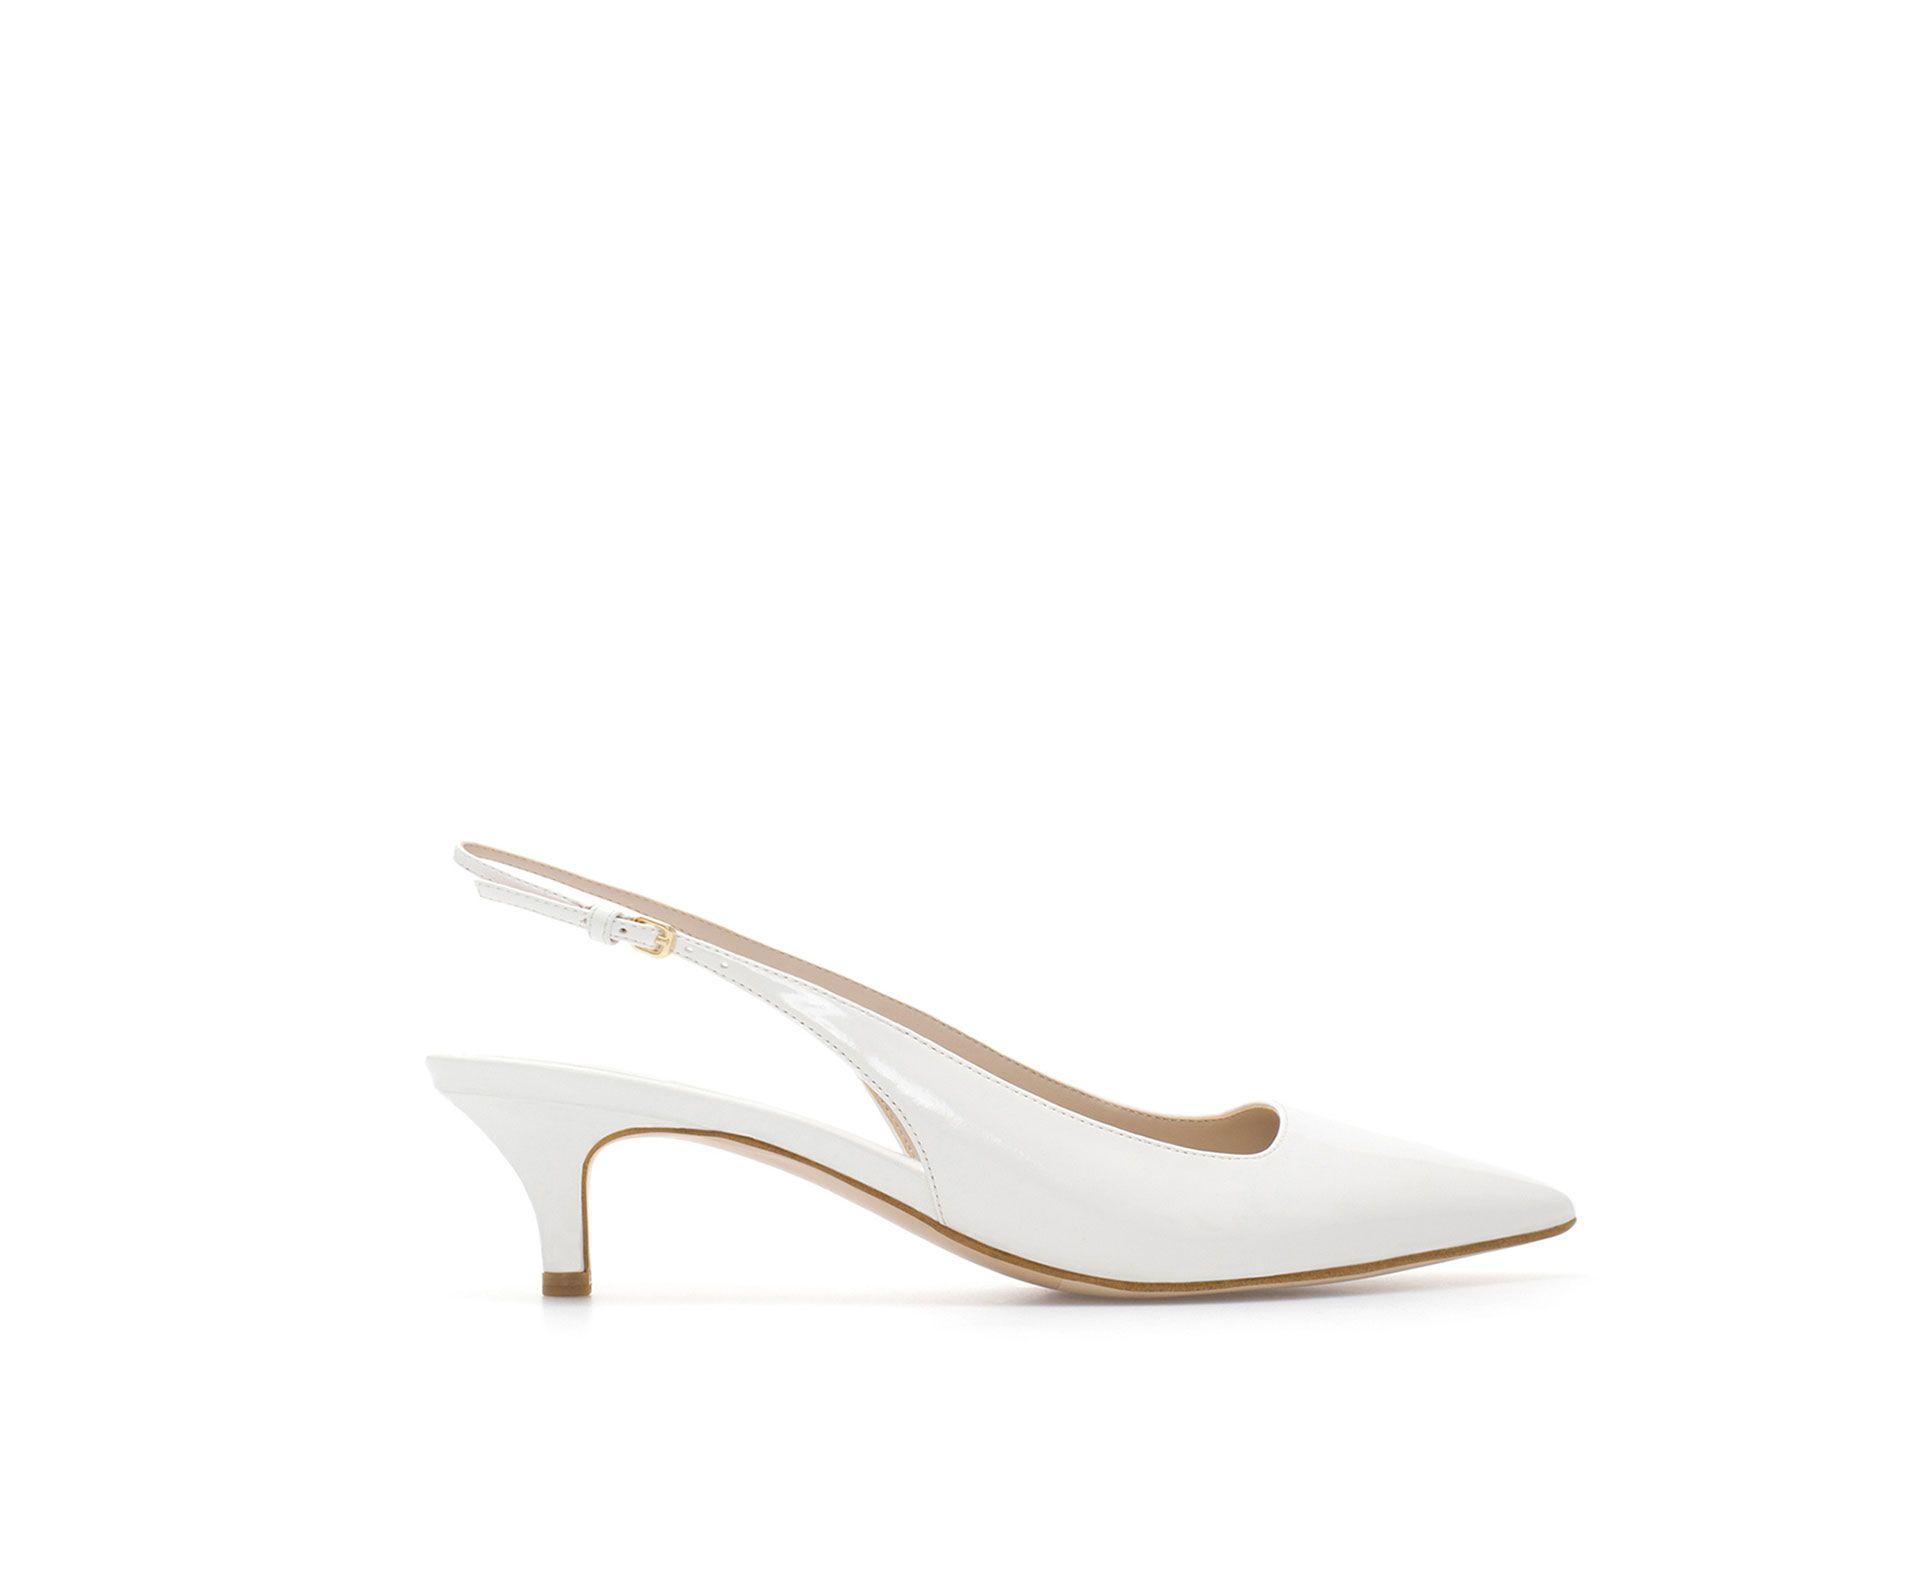 Zara Woman Kitten Heel Synthetic Patent Leather Sling Back Shoes Low Heel Pumps Heels Kitten Heels